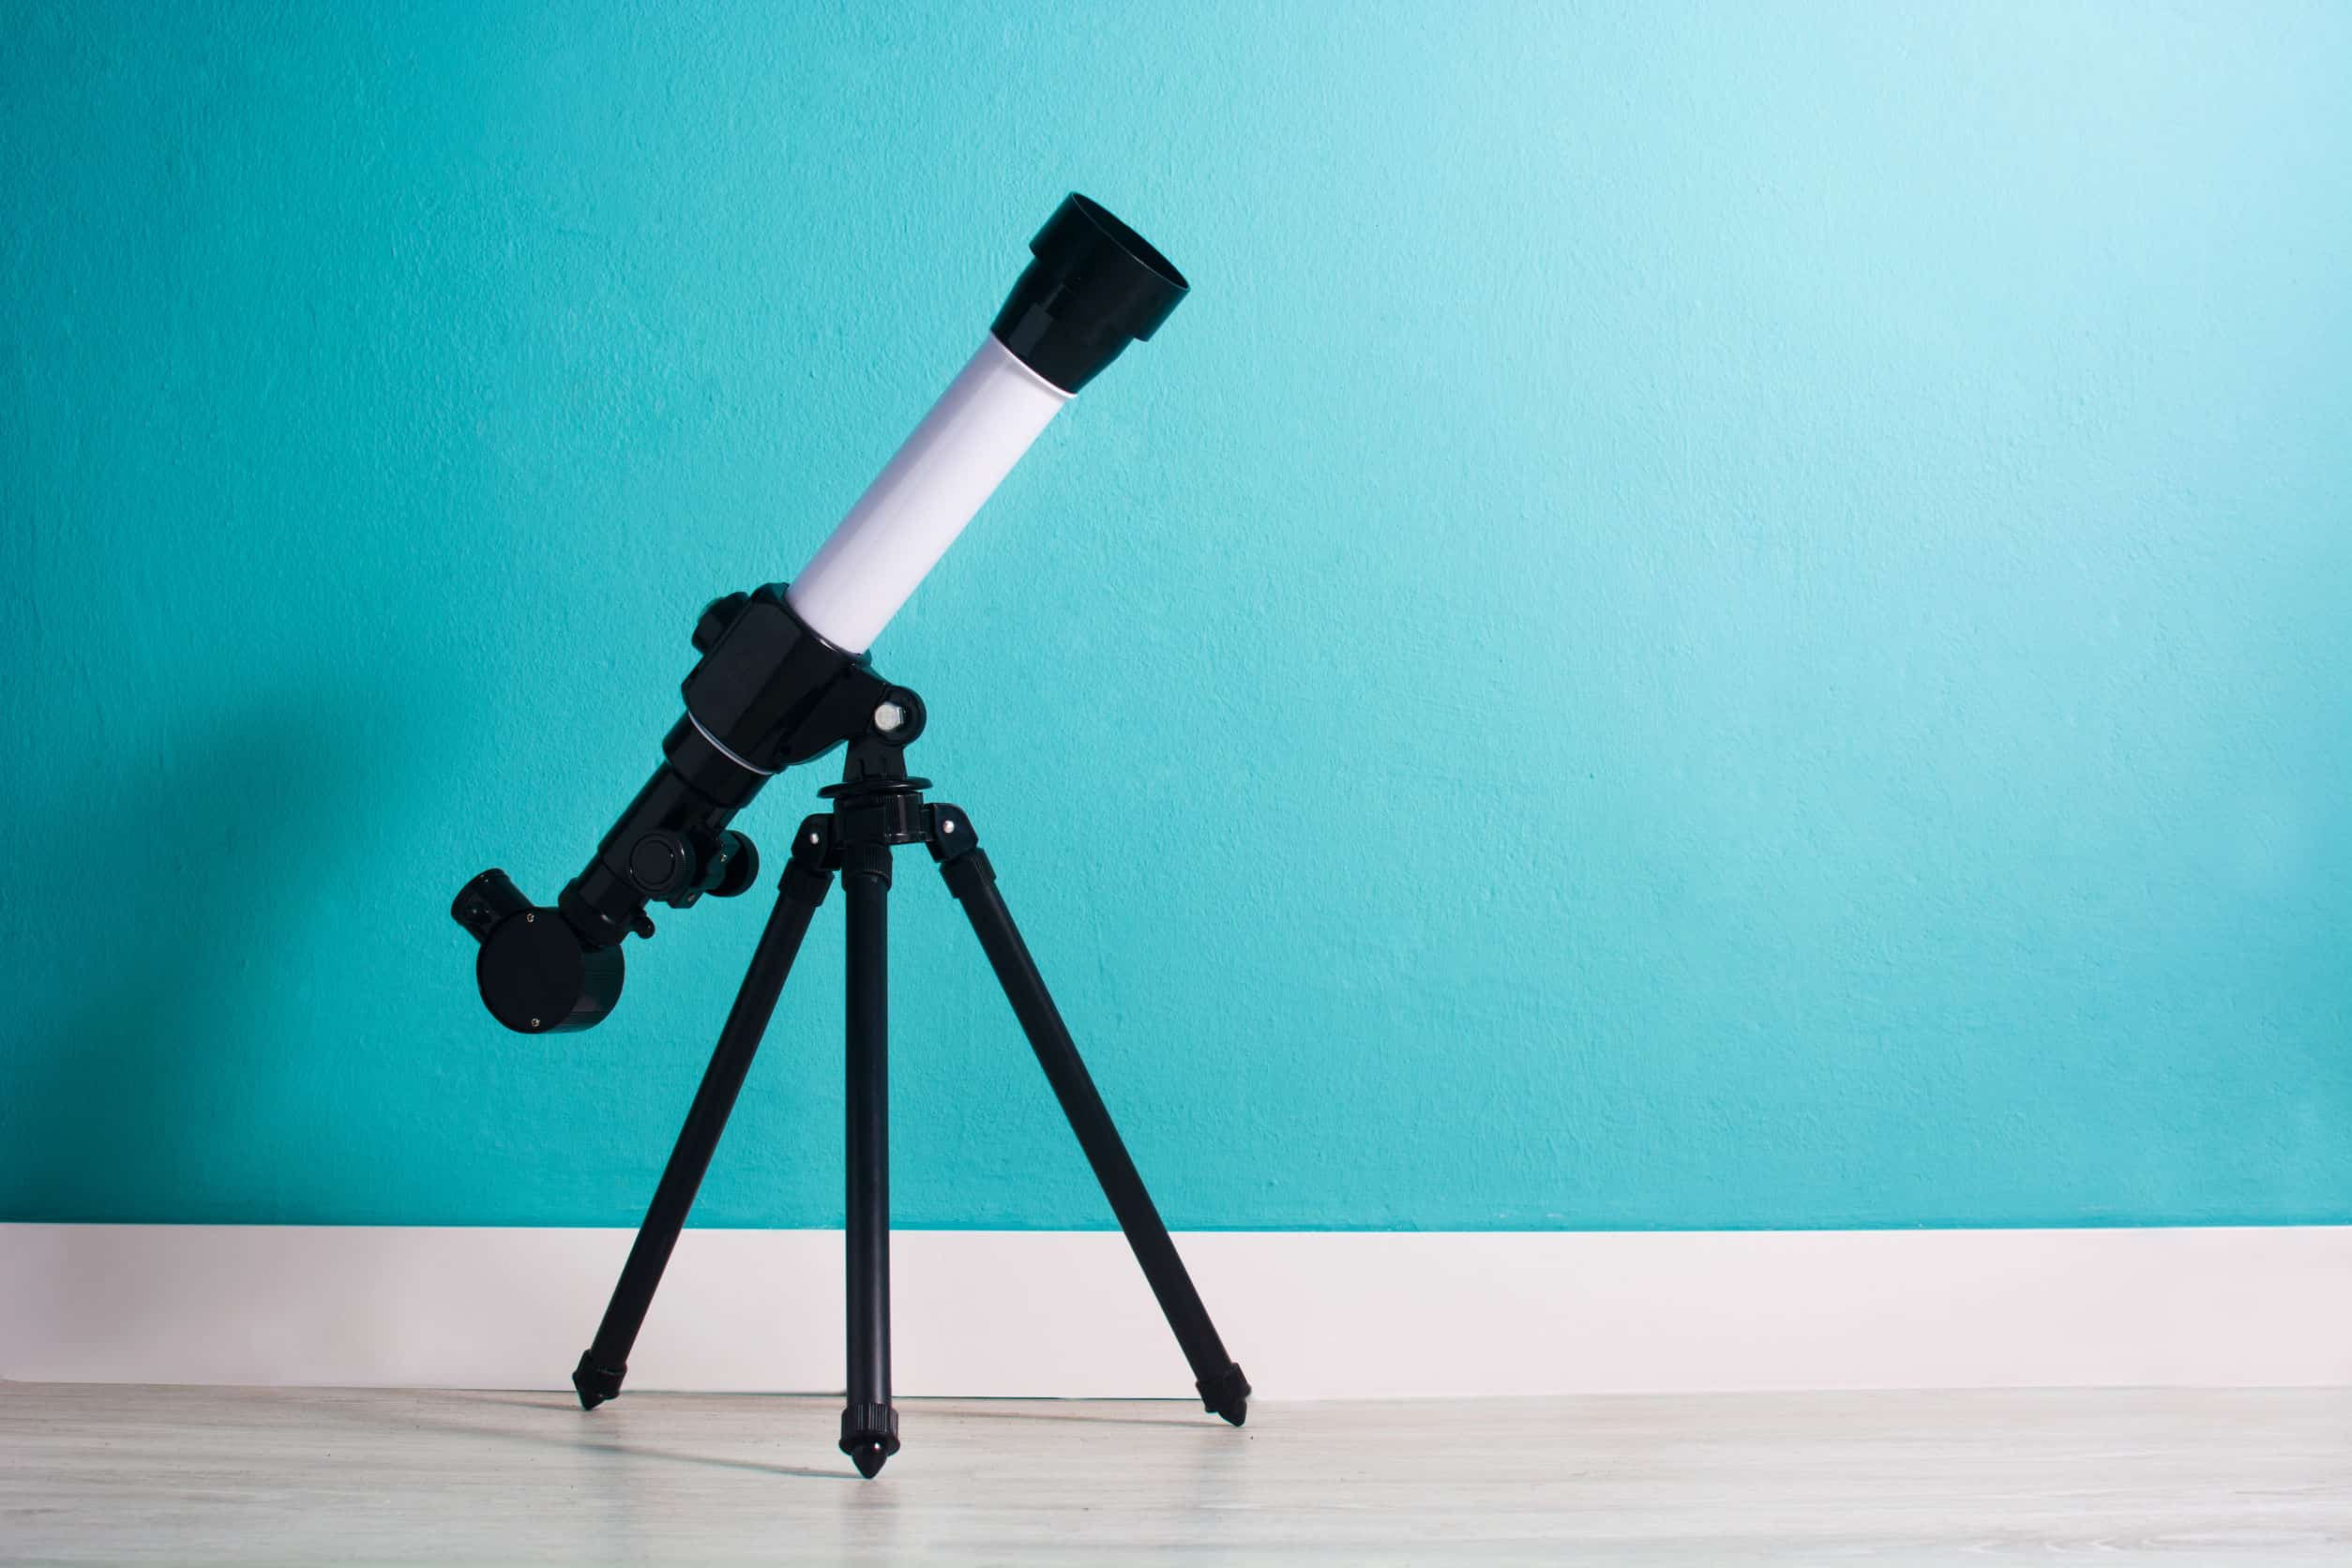 Telescopio reflector: ¿Cuál es el mejor del 2020?